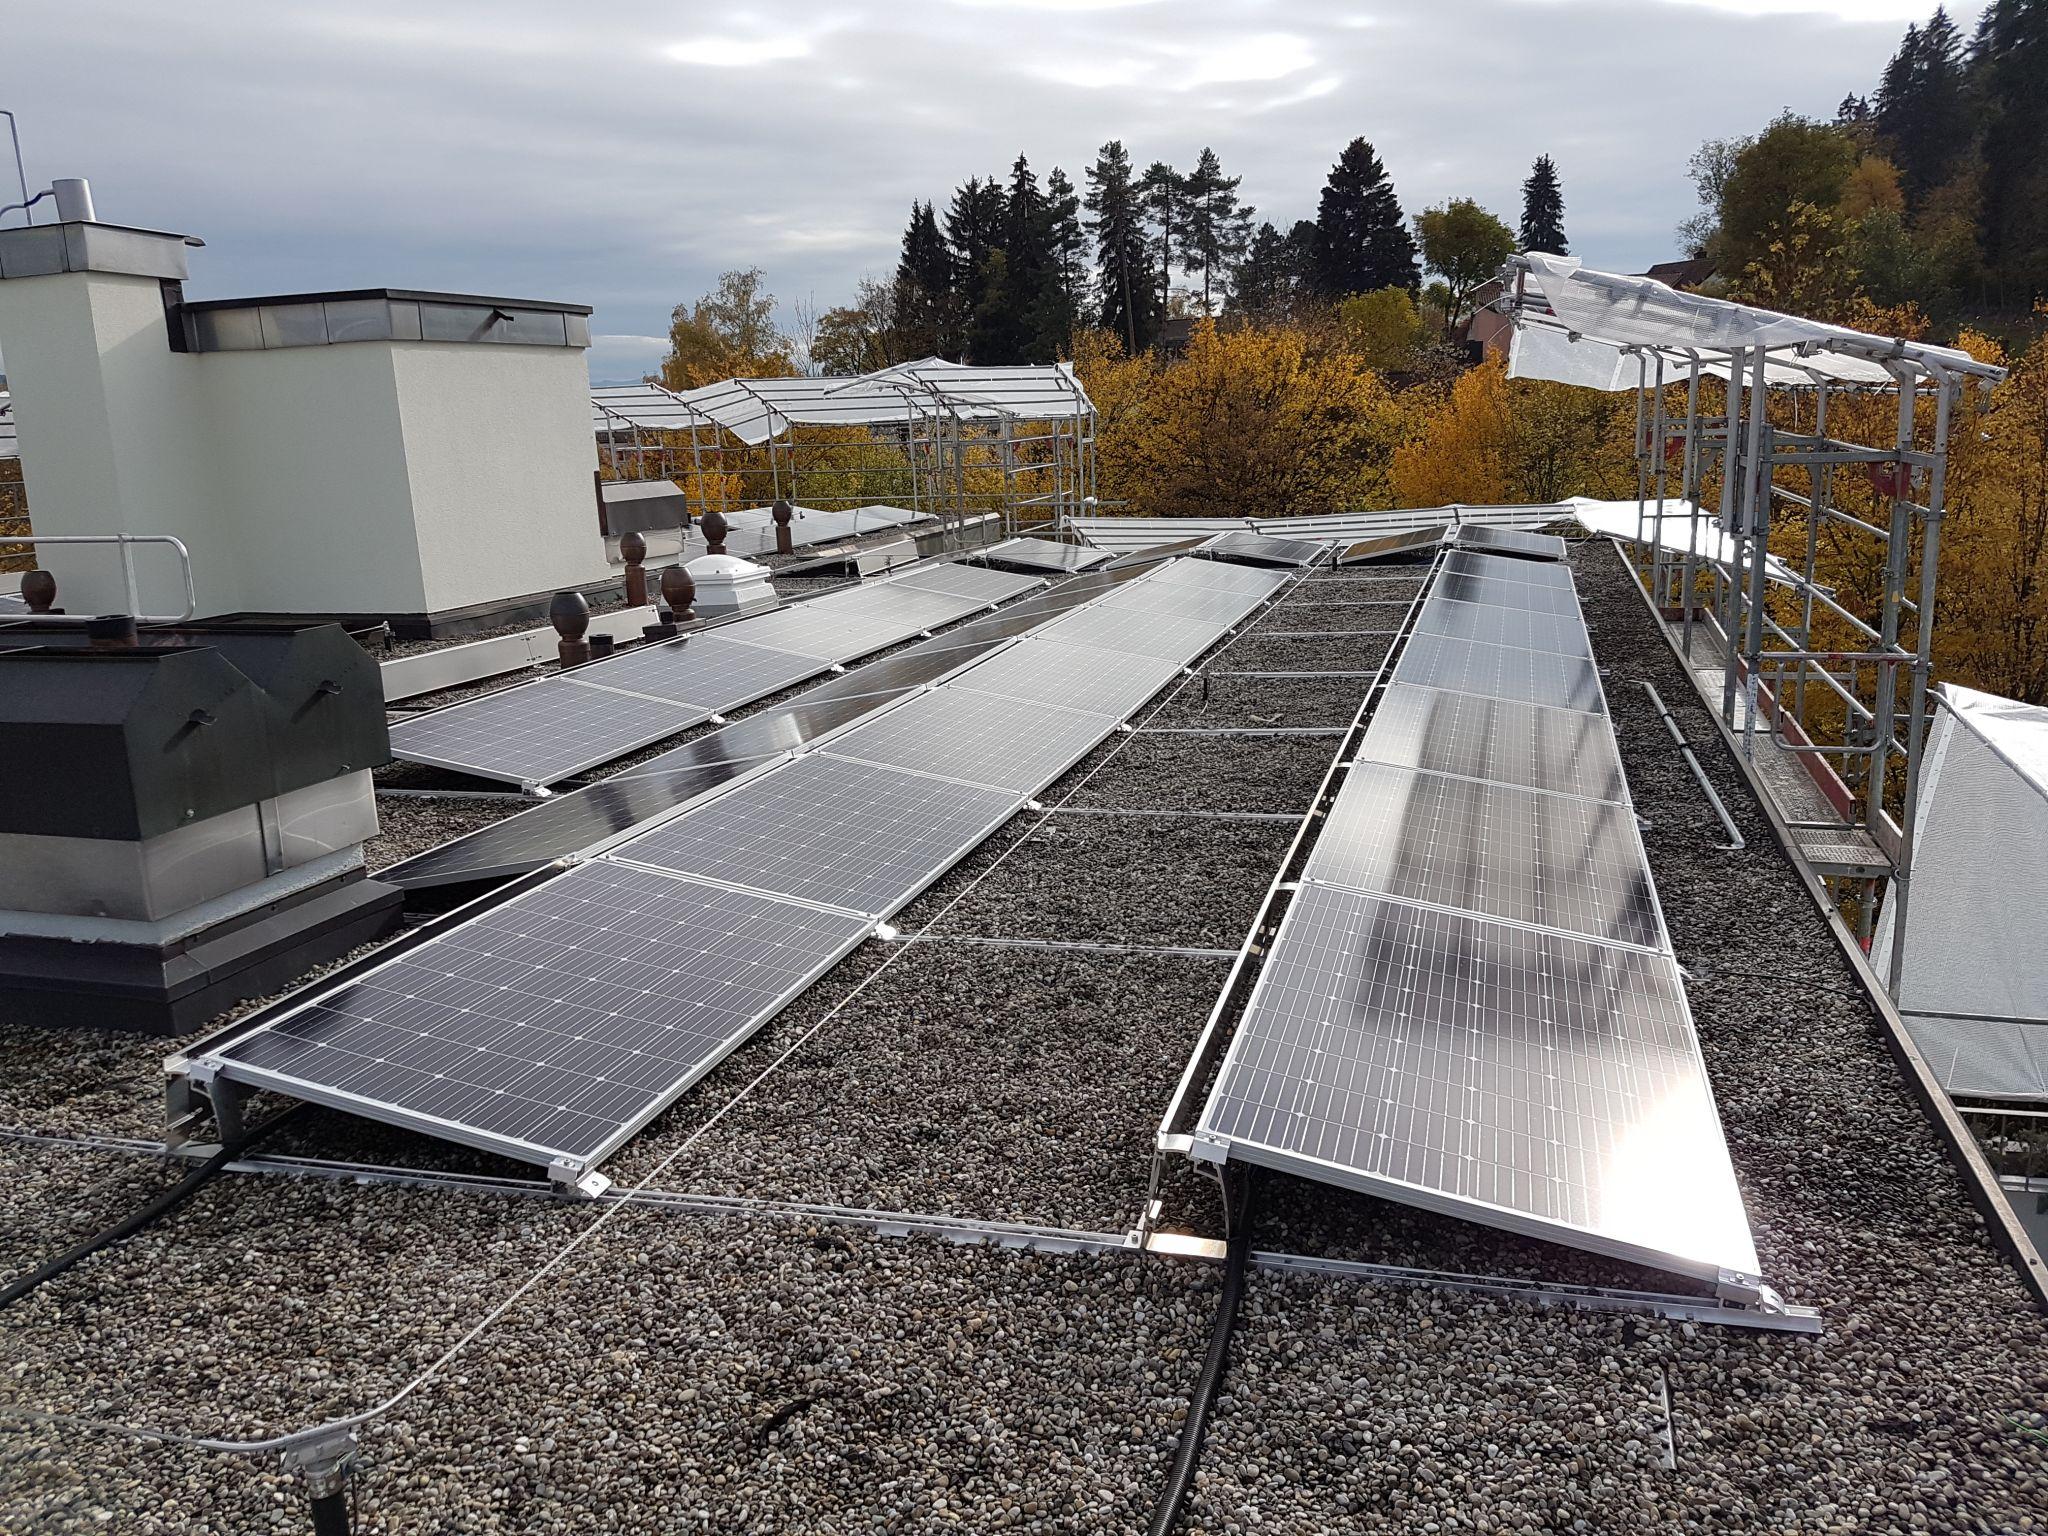 Von der Ausschreibung bis zur Inbetriebnahme für die Solargenossenschaft Zumikon Zürich